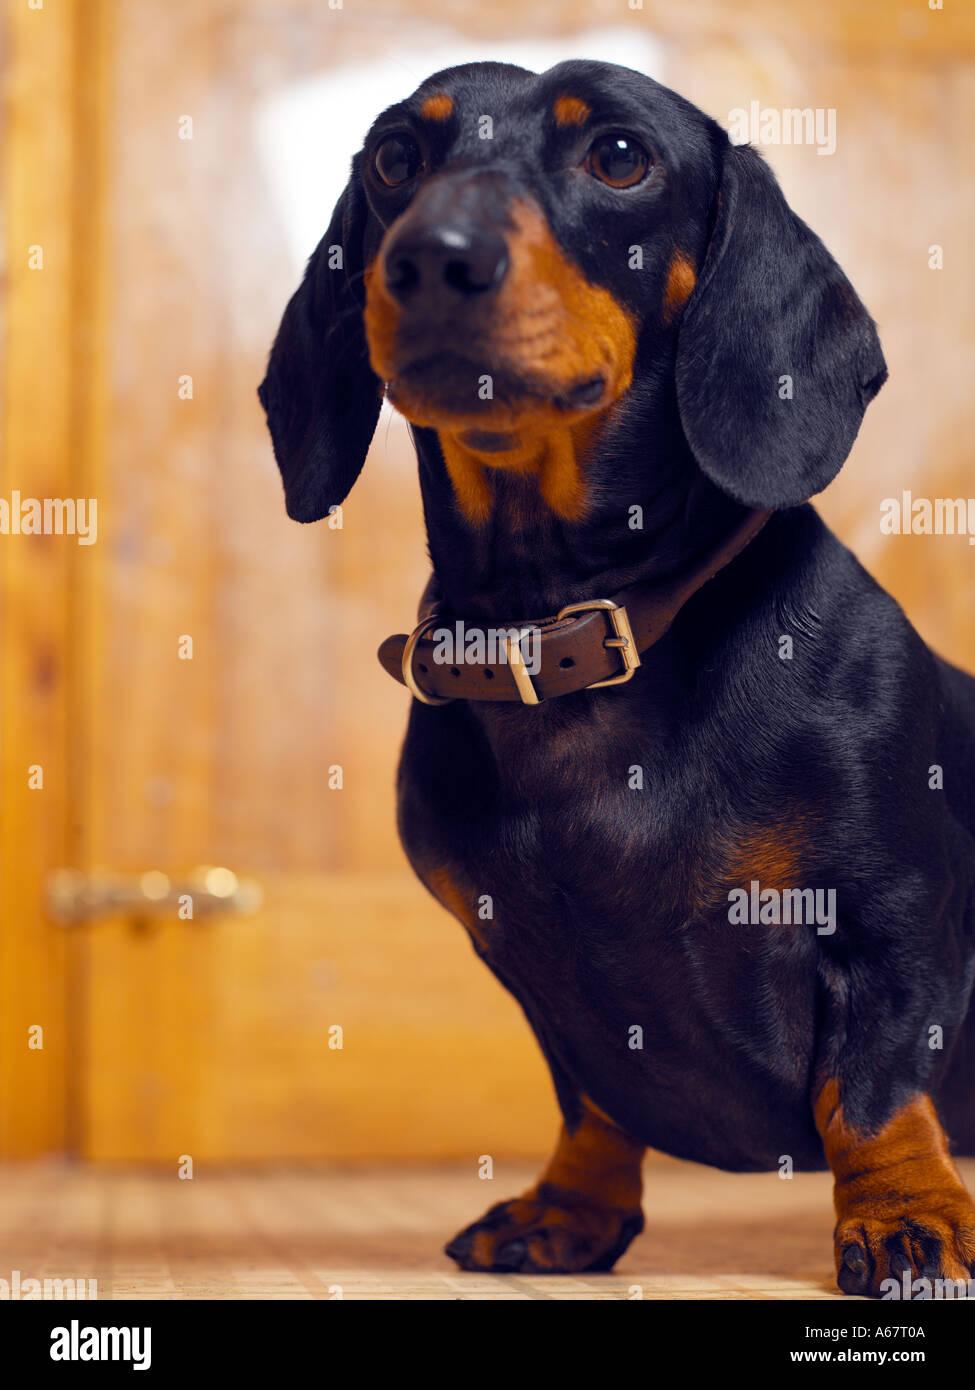 Dachshund dog Portrait - Stock Image